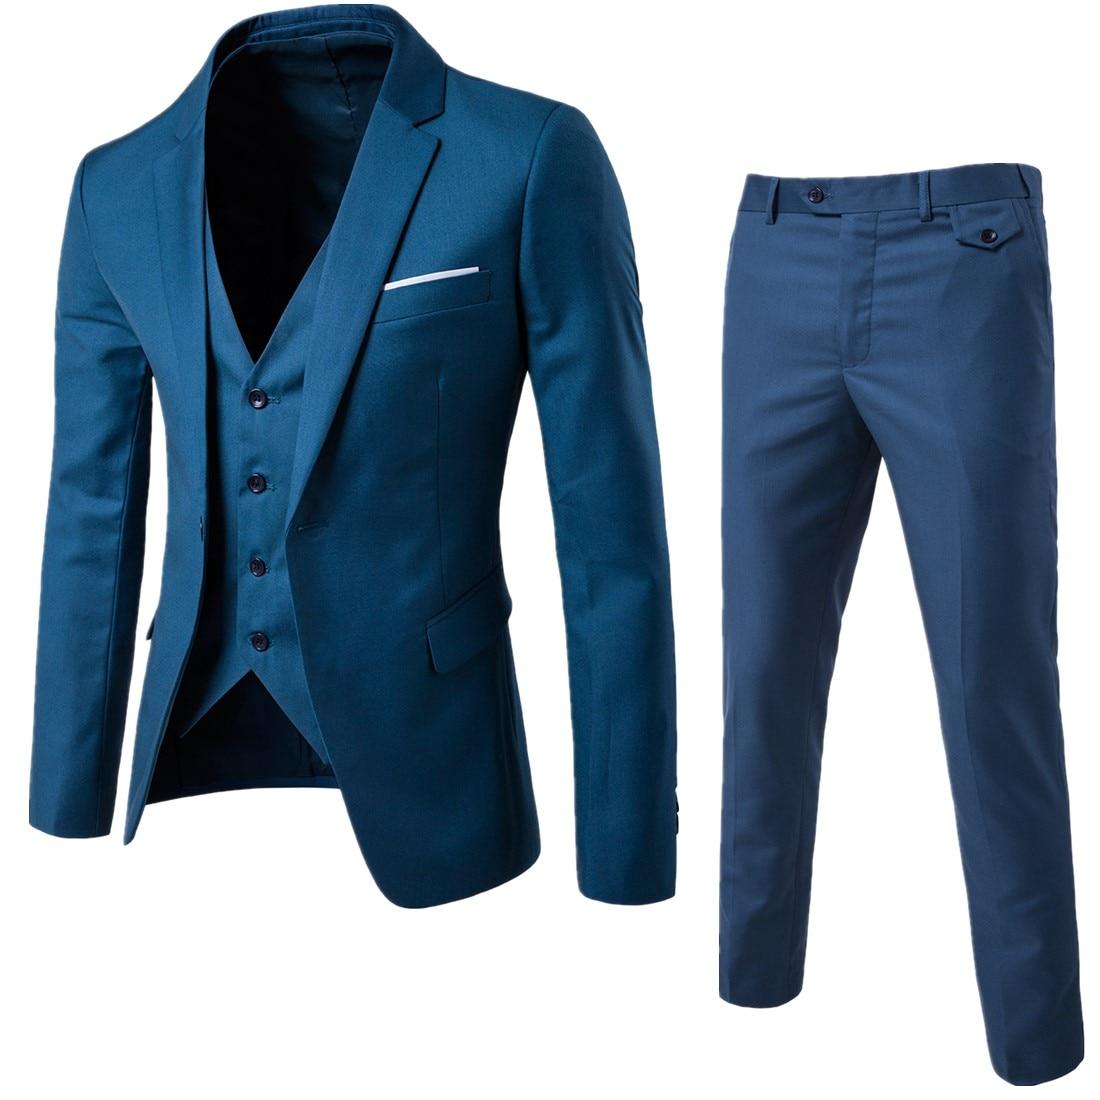 MarKyi 2017 nouvelle grande taille 6xl hommes costumes de mariage marié bonne qualité décontracté hommes robe costumes 3 peiece (veste + pantalon + gilet)